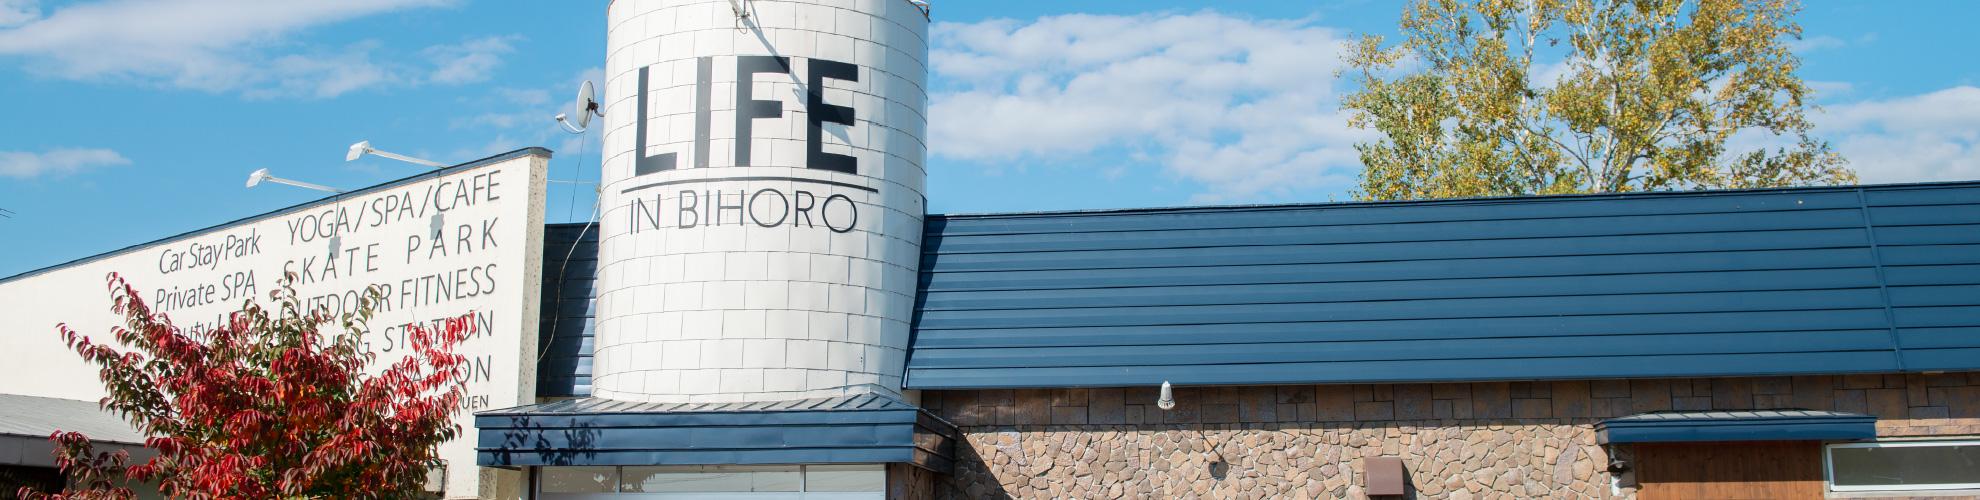 美幌町観光まちづくり協議会 LIFE IN BIHORO